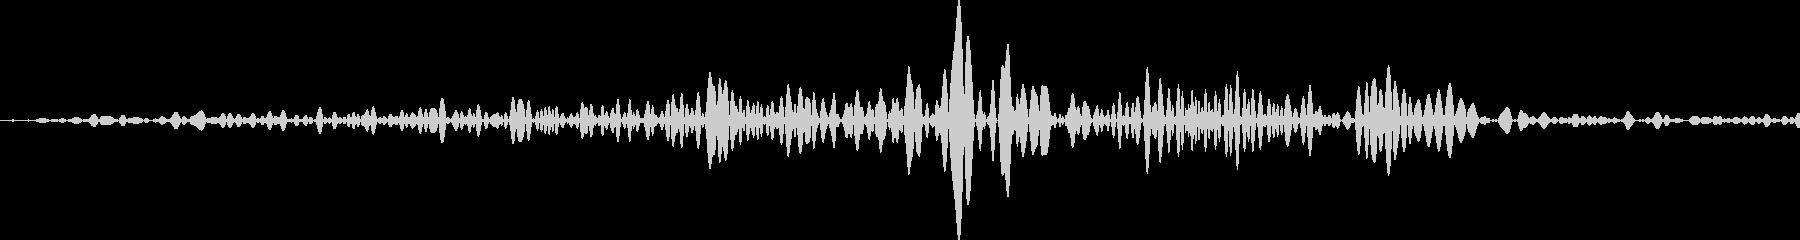 麻雀 捨てる音の未再生の波形